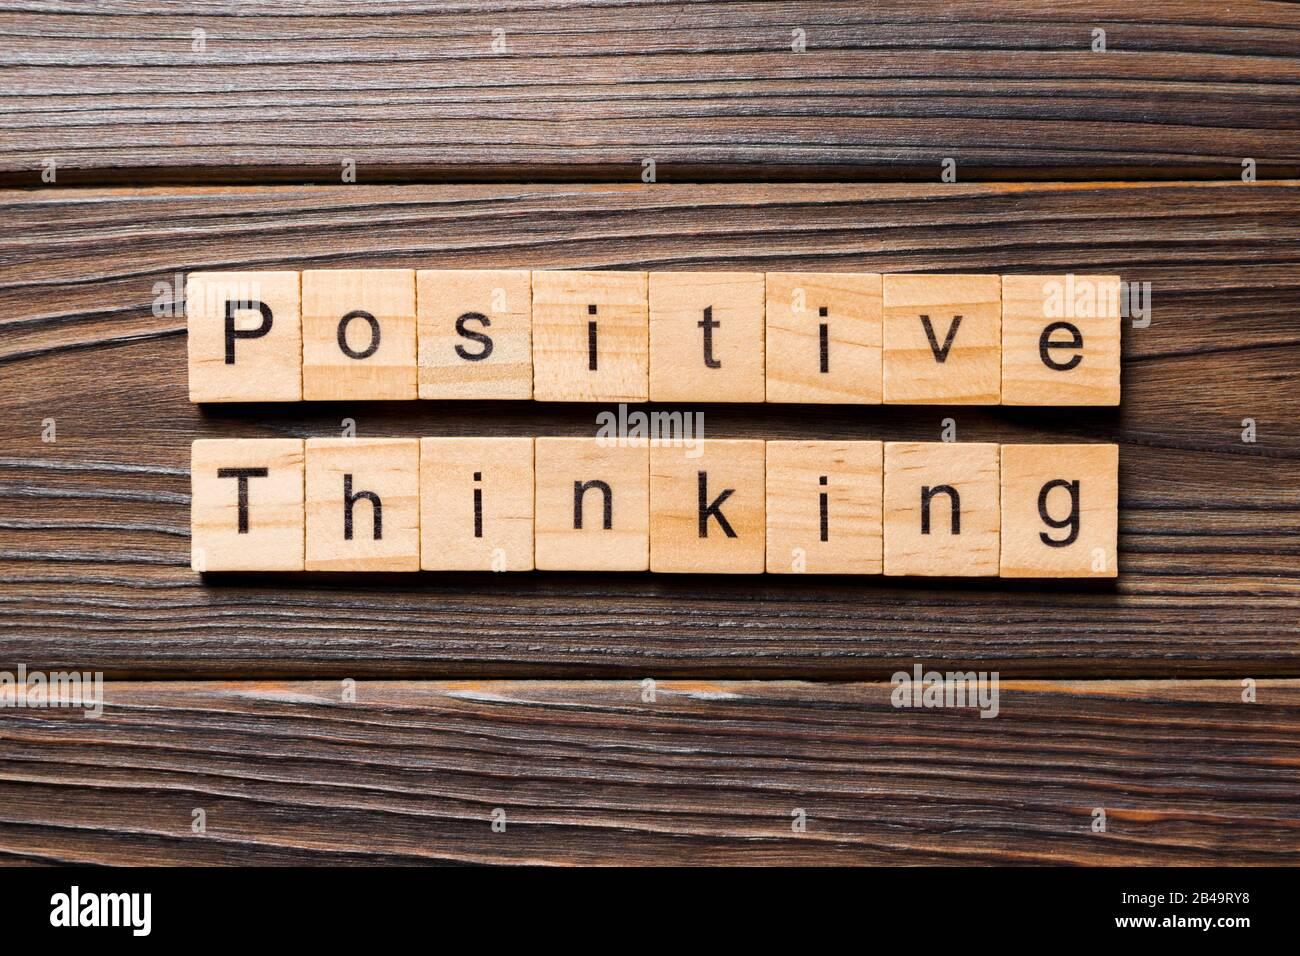 Pensamiento positivo palabra escrita sobre un bloque de madera. El pensamiento positivo texto en tabla, concepto. Foto de stock